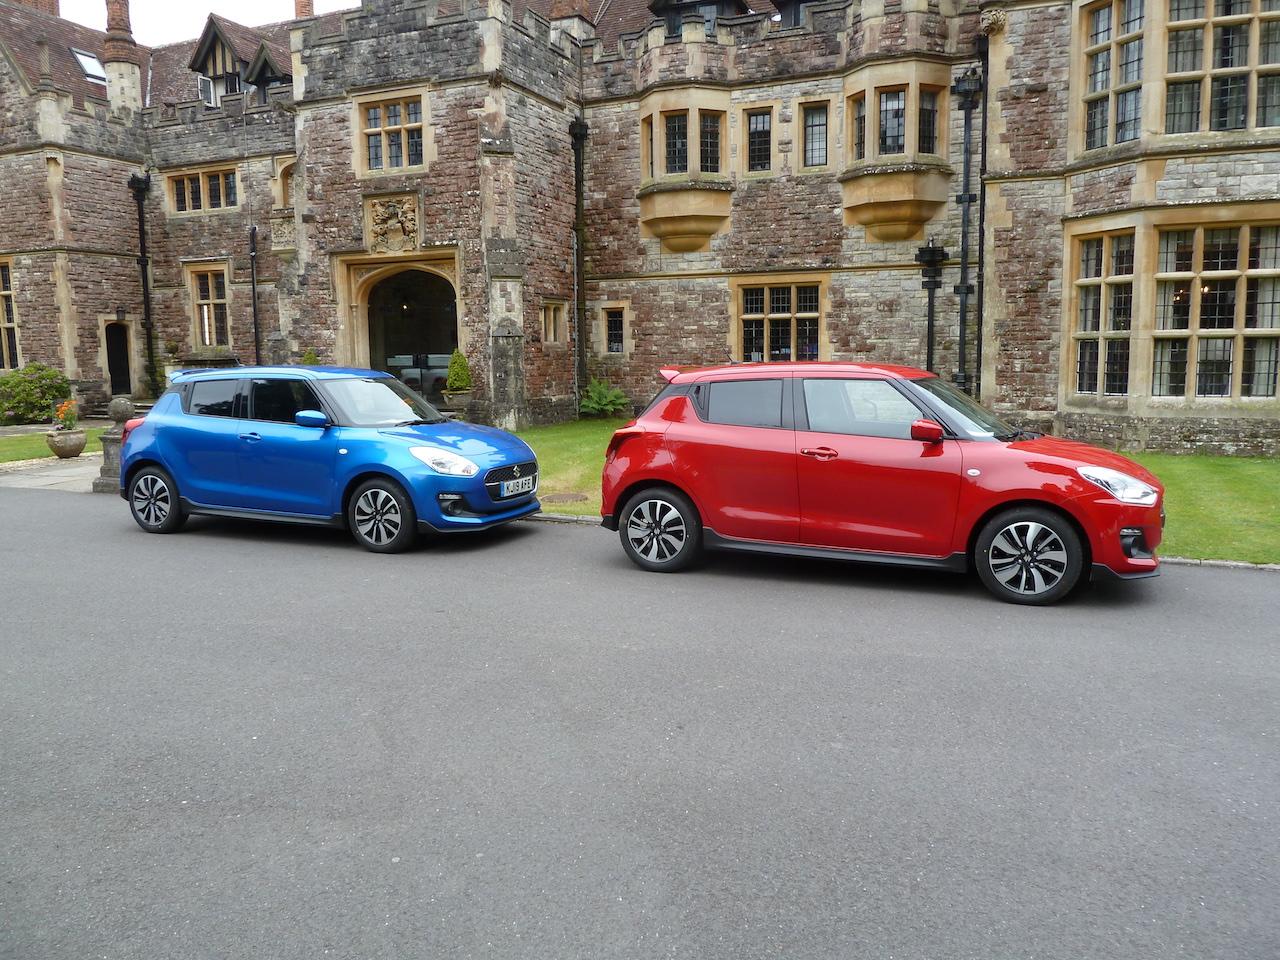 Suzuki Swift Attitude, Swift 4×4 hybrid and a Suzuki-powered